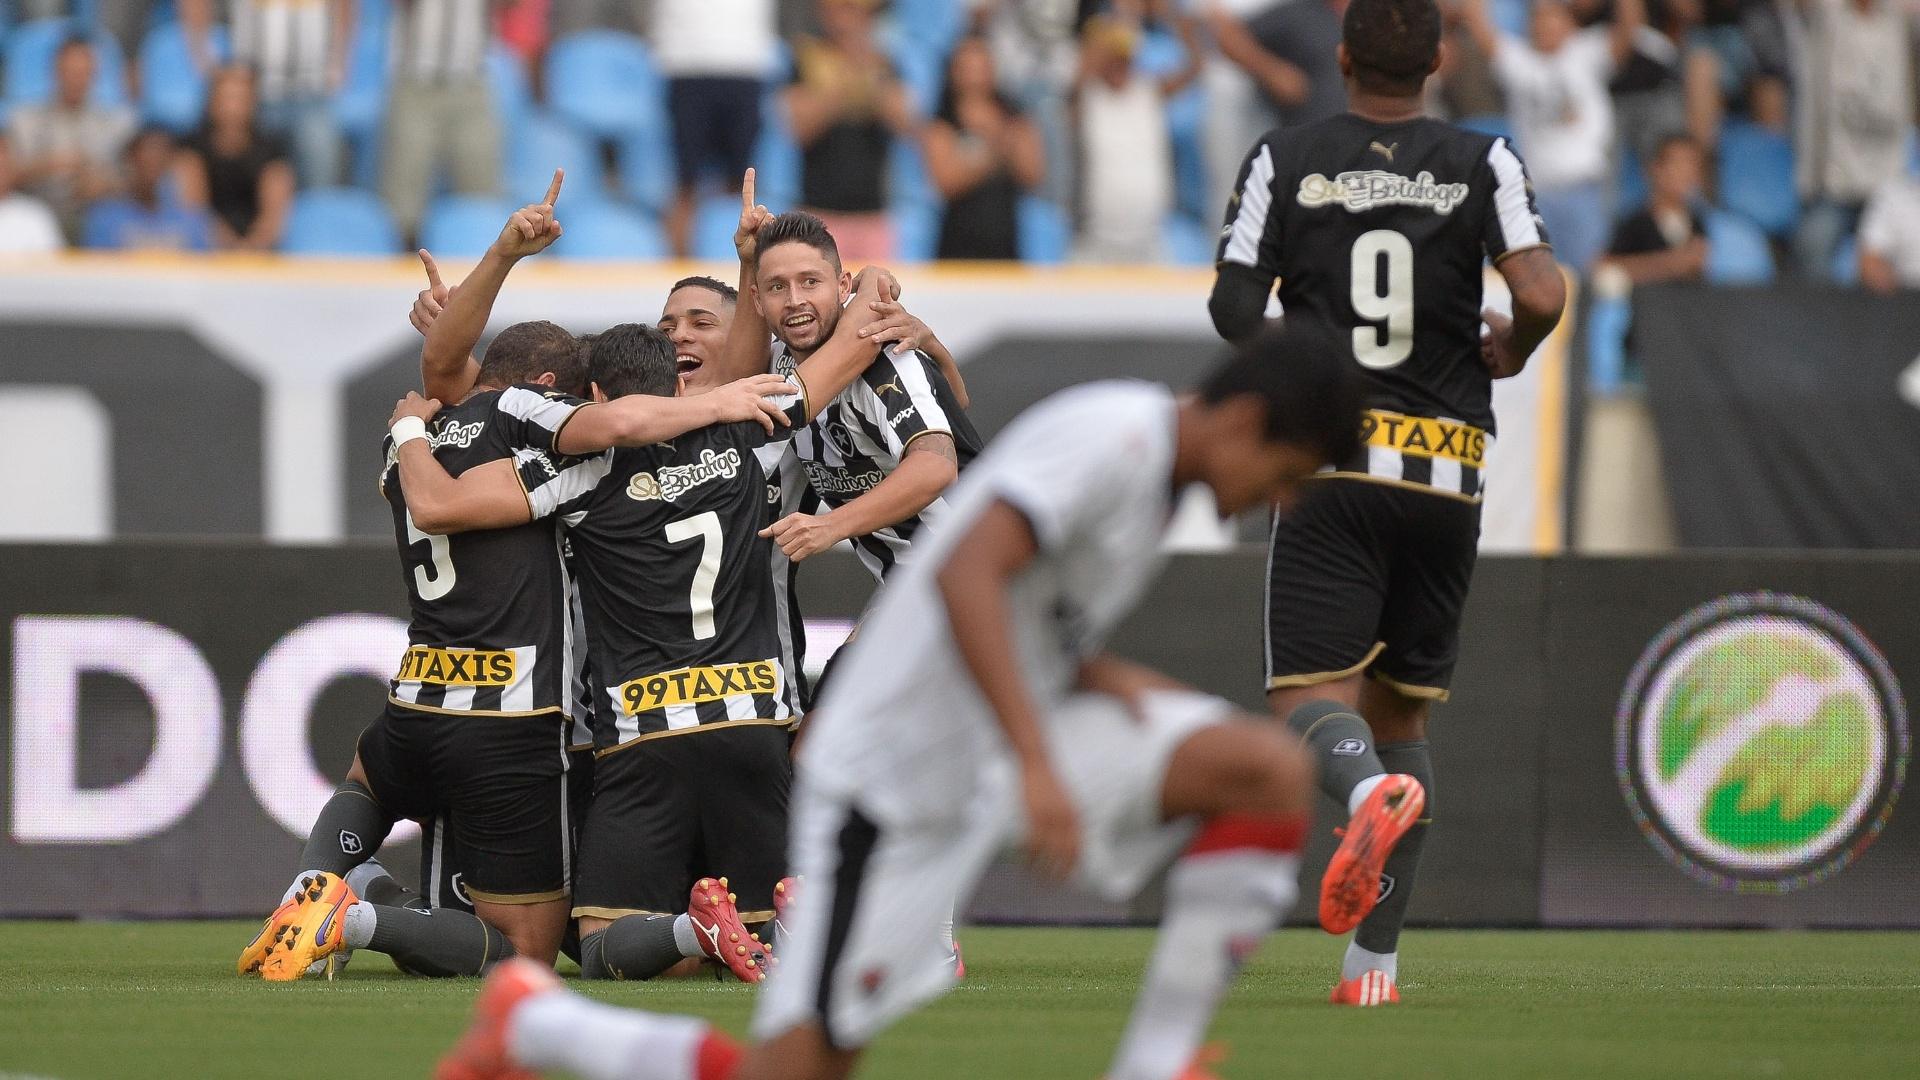 Jogadores do Botafogo comemoram gol de Diego Giaretta contra o Vitória, no Estádio Nilton Santos (Engenhão), pela Série B do Campeonato Brasileiro 2015